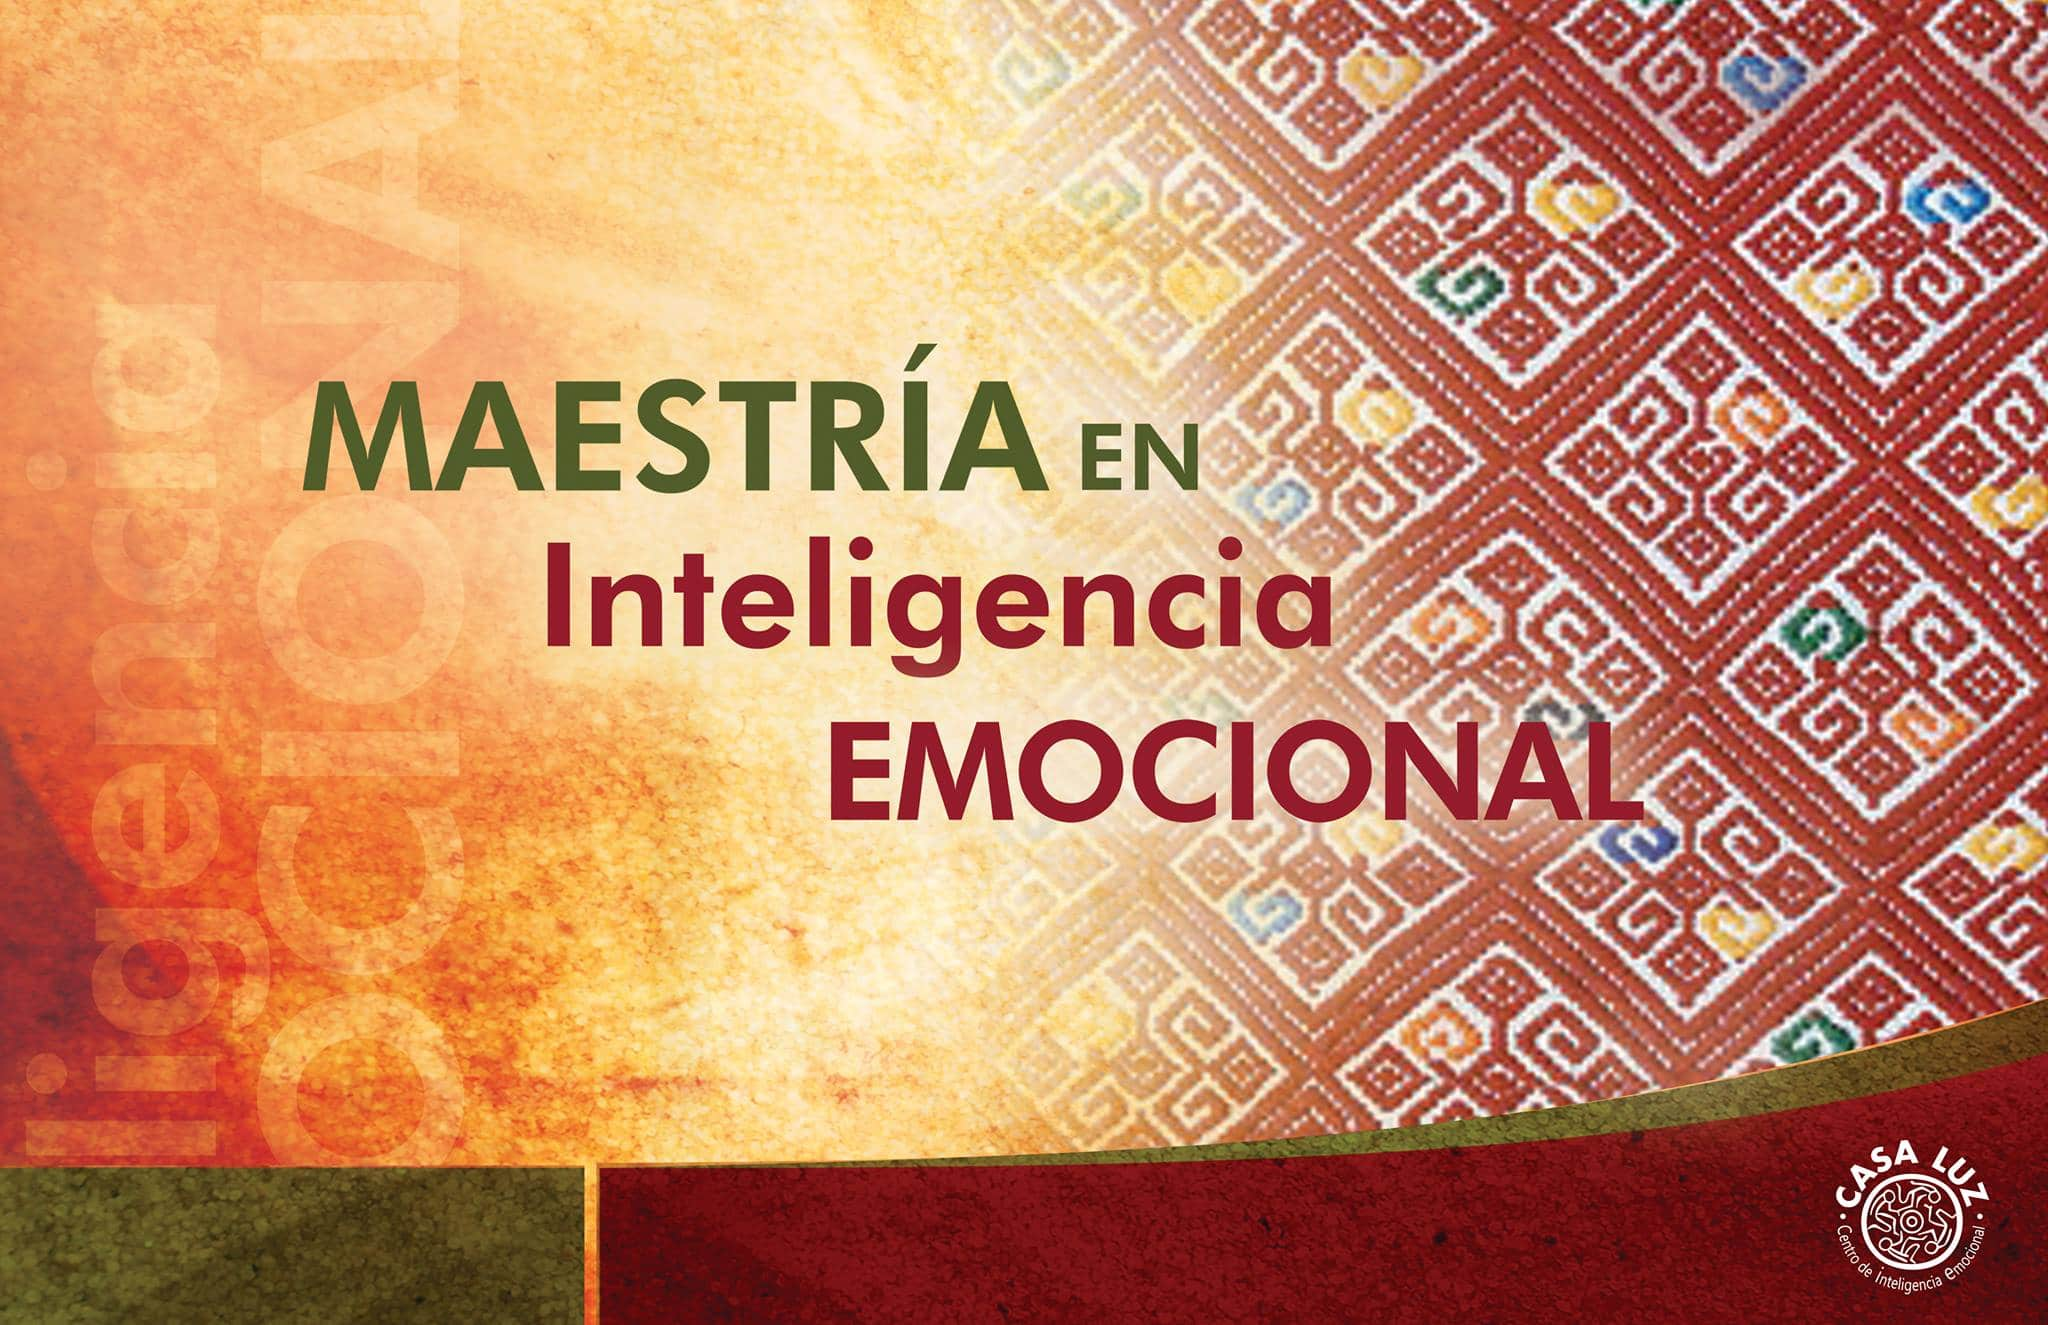 Maestría en Inteligencia Emocional.